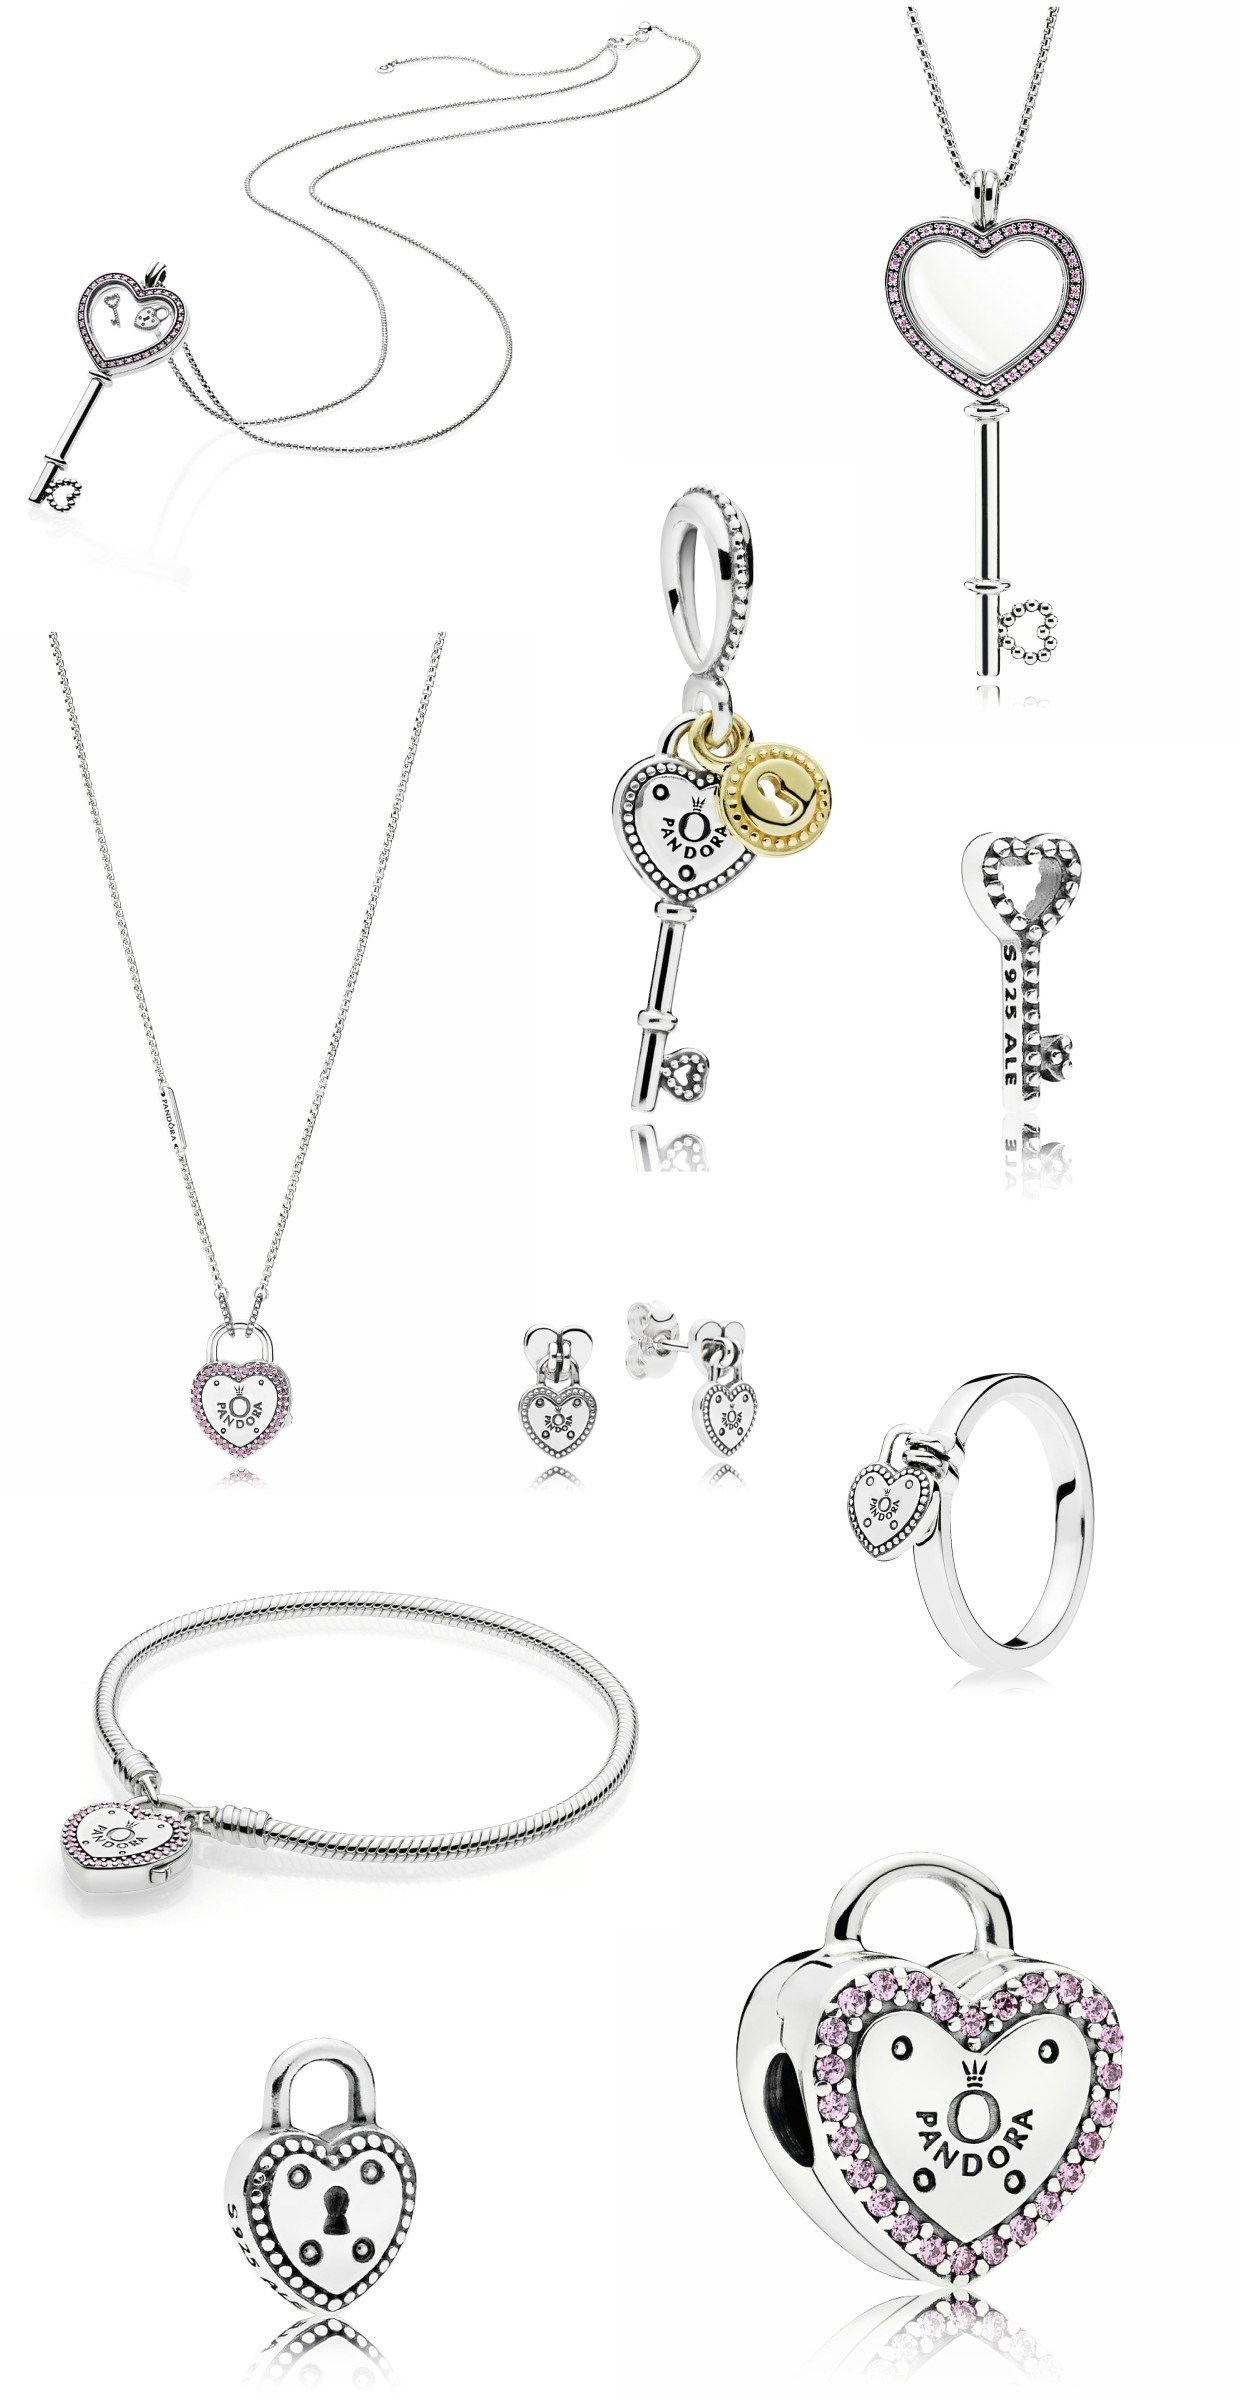 5456da5686949 Coleção cápsula Promessas de Amor da Pandora  pandora  acessorios  ring   bracelet  necklace  heart  collection